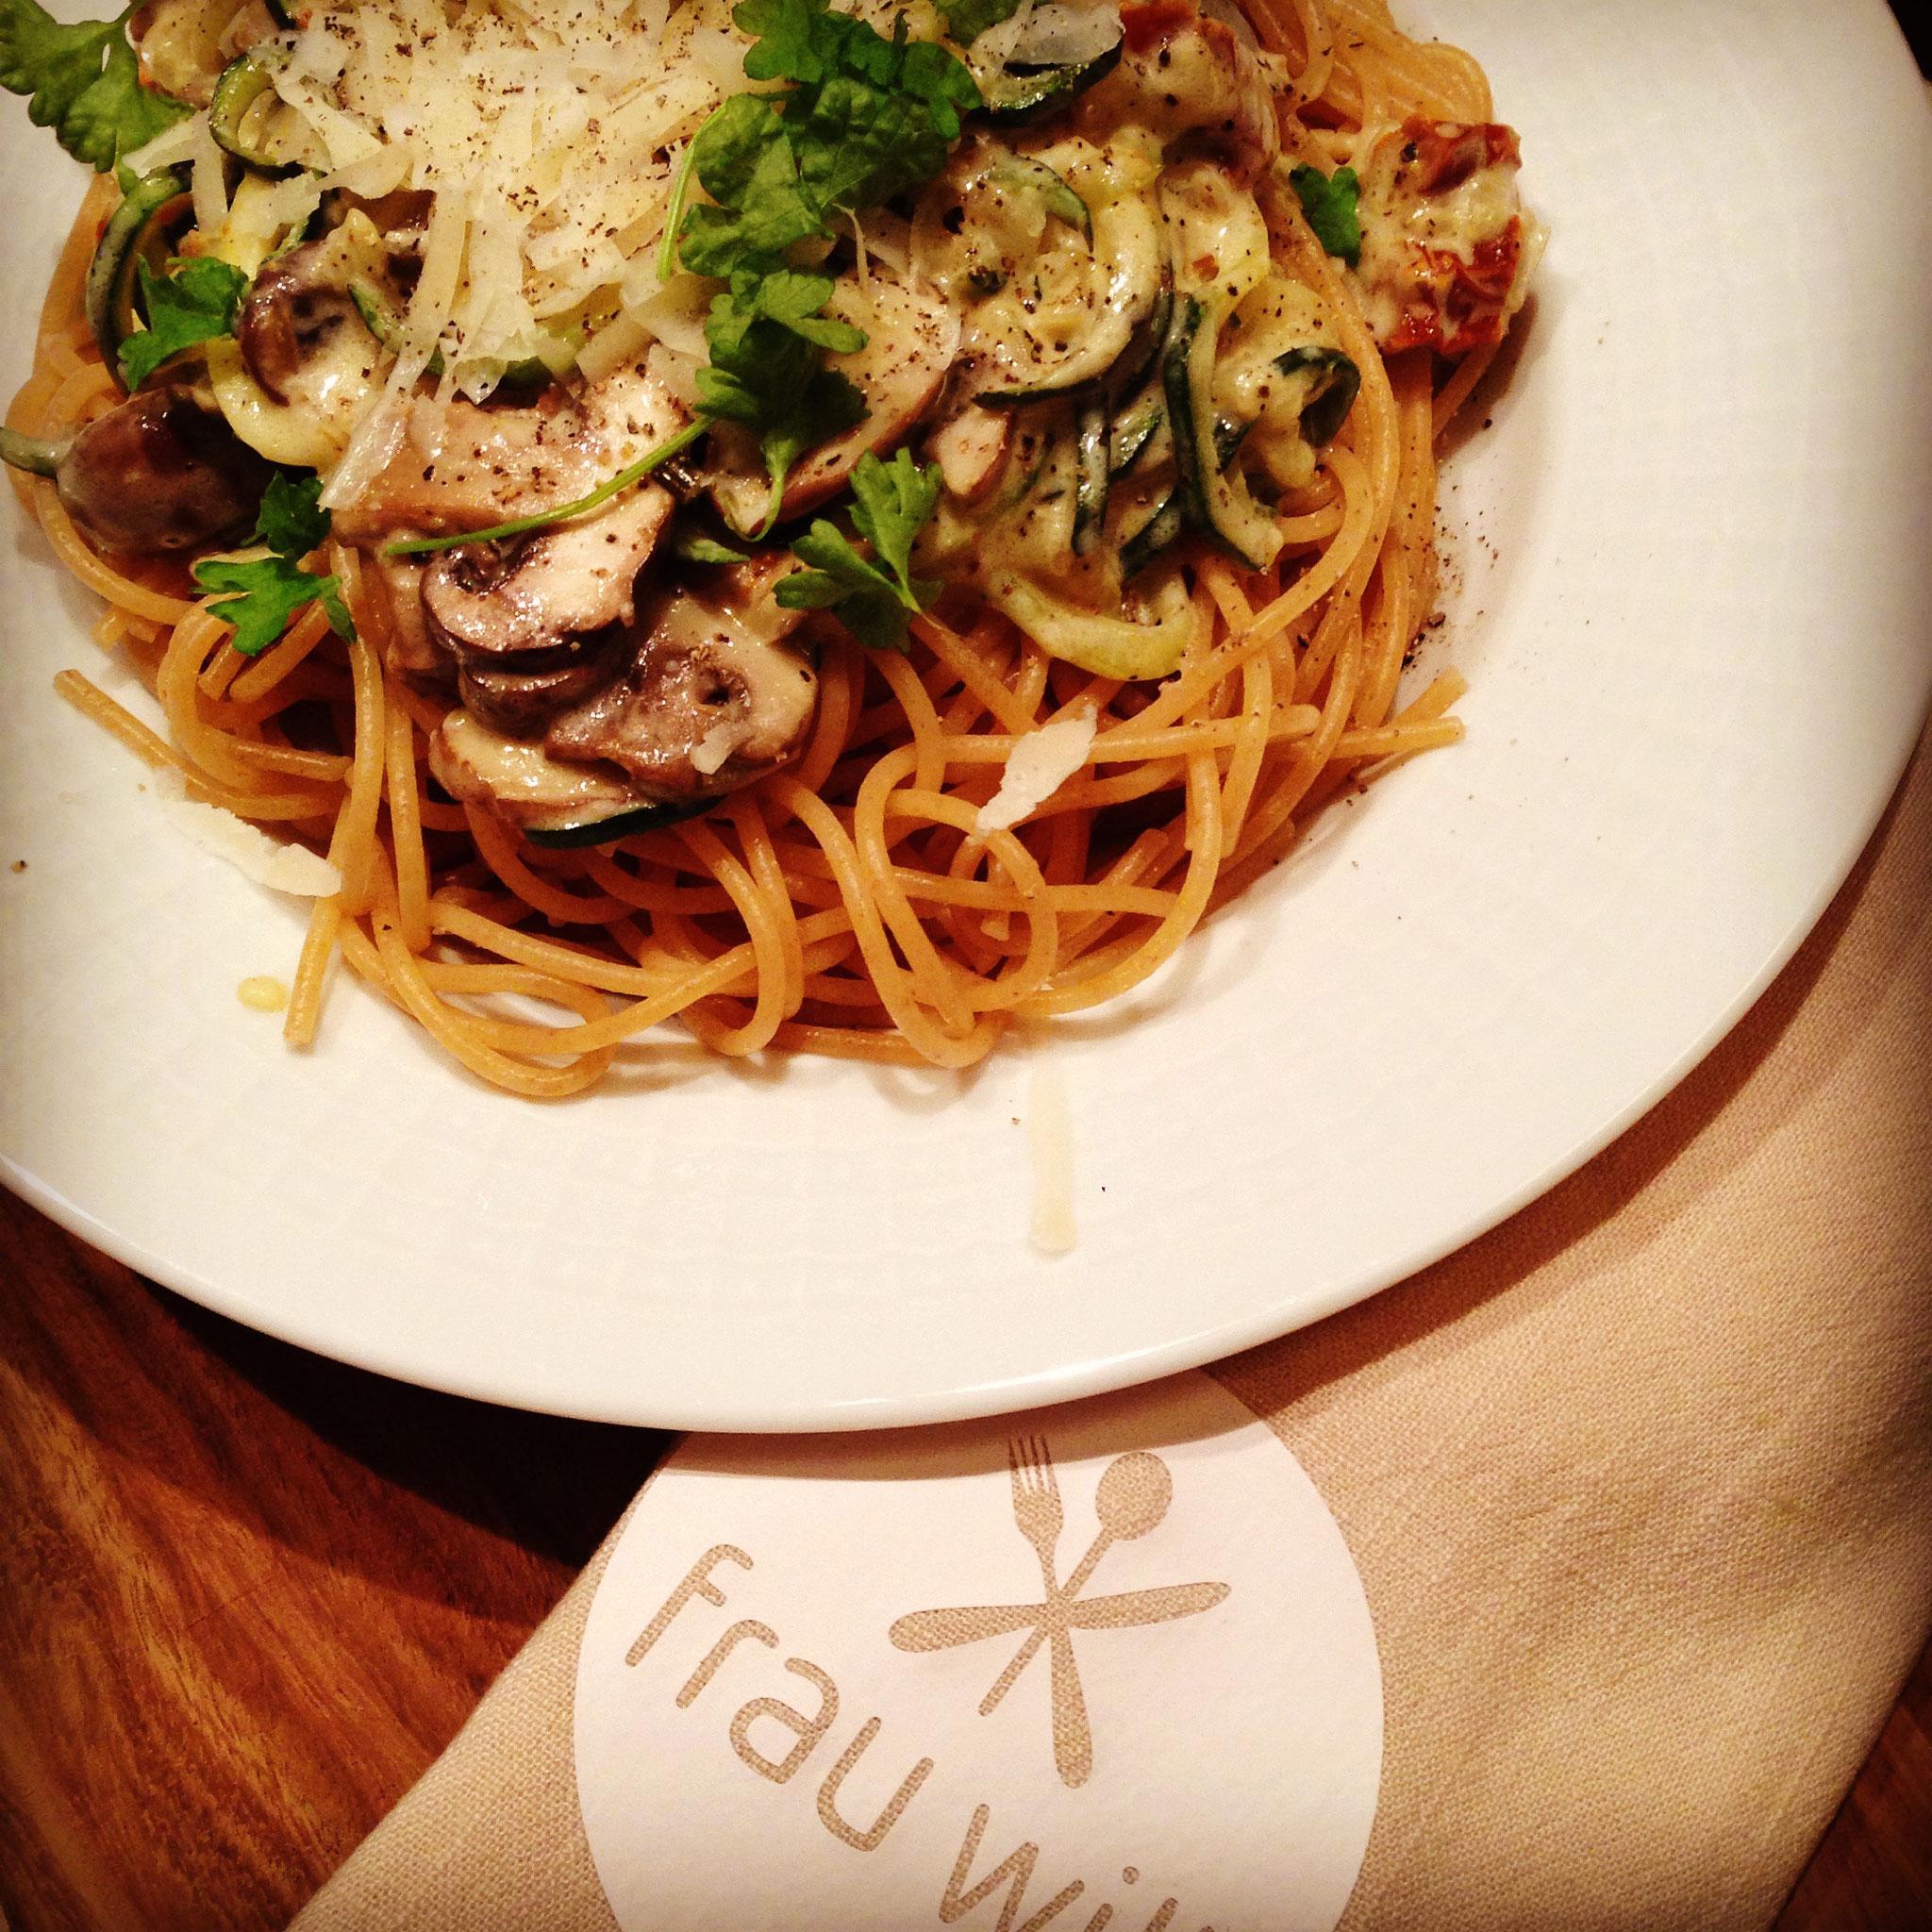 Alles auf Tellern anrichten, mit Parmesan und Petersilie bestreuen und servieren. Lasst es euch schmecken!